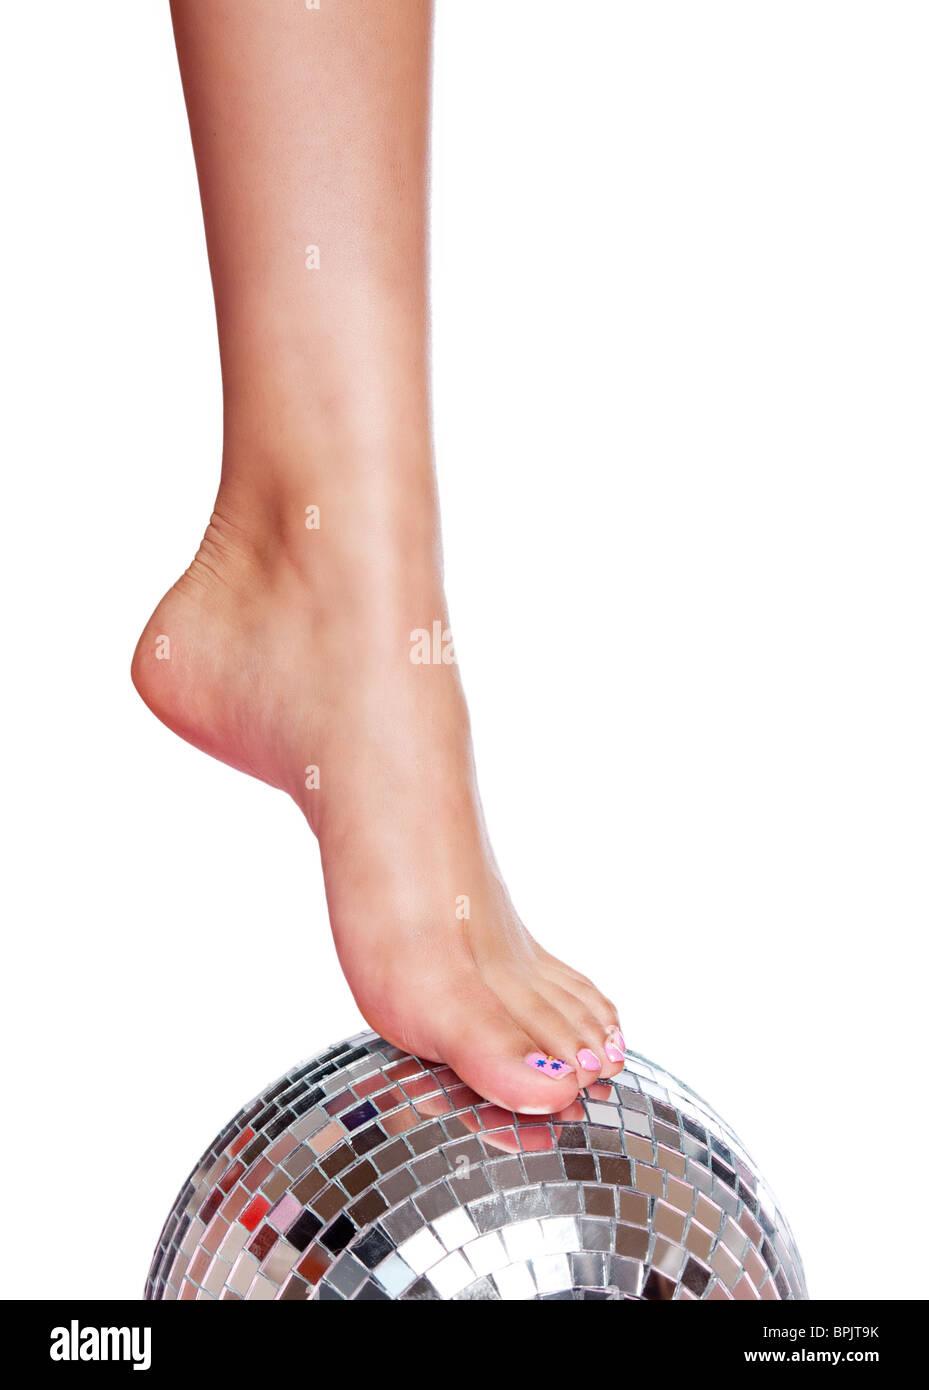 Hübsche Fuß mit lackierten Zehen Nägel auf eine Disco-Kugel auf ...